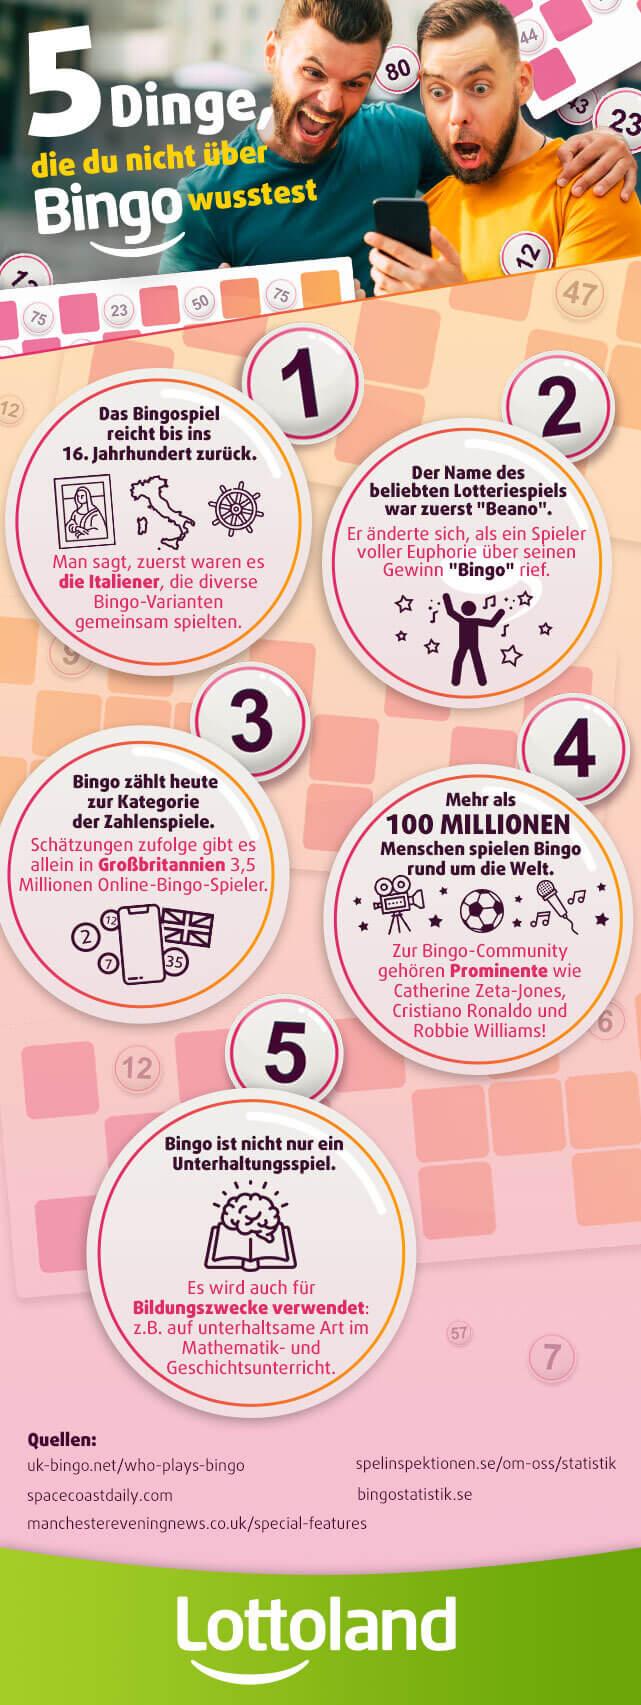 Infografik mit 5 Dingen, die du nicht über Bingo wusstest